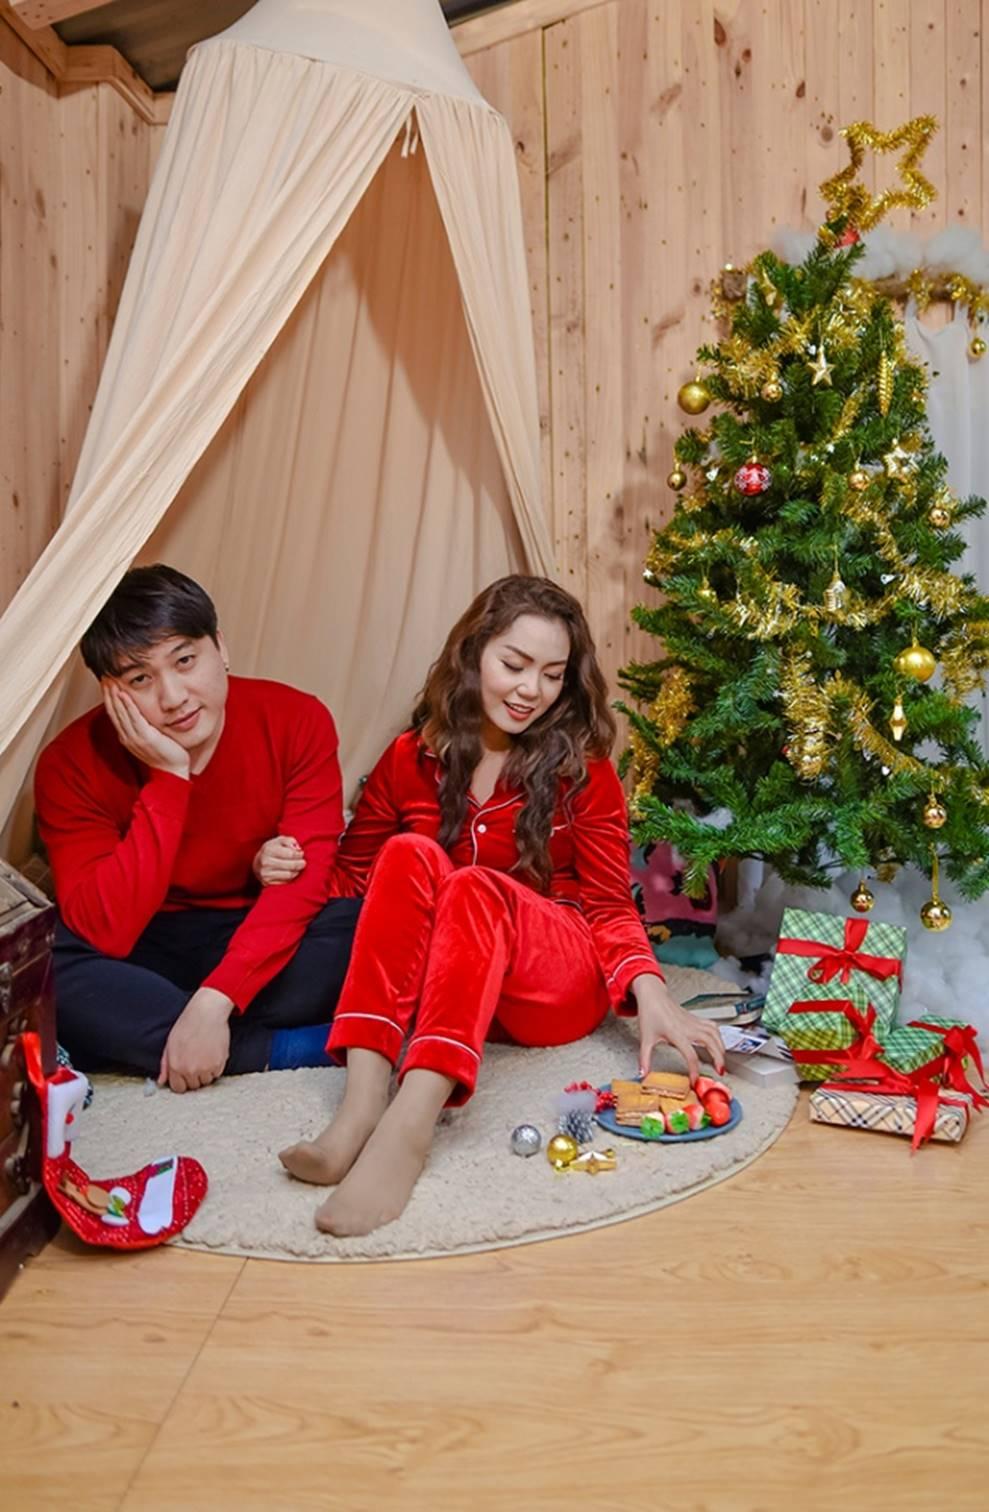 Ngọc Anh tình tứ cùng bạn trai tin đồn ít tuổi trong bộ ảnh Giáng sinh-9